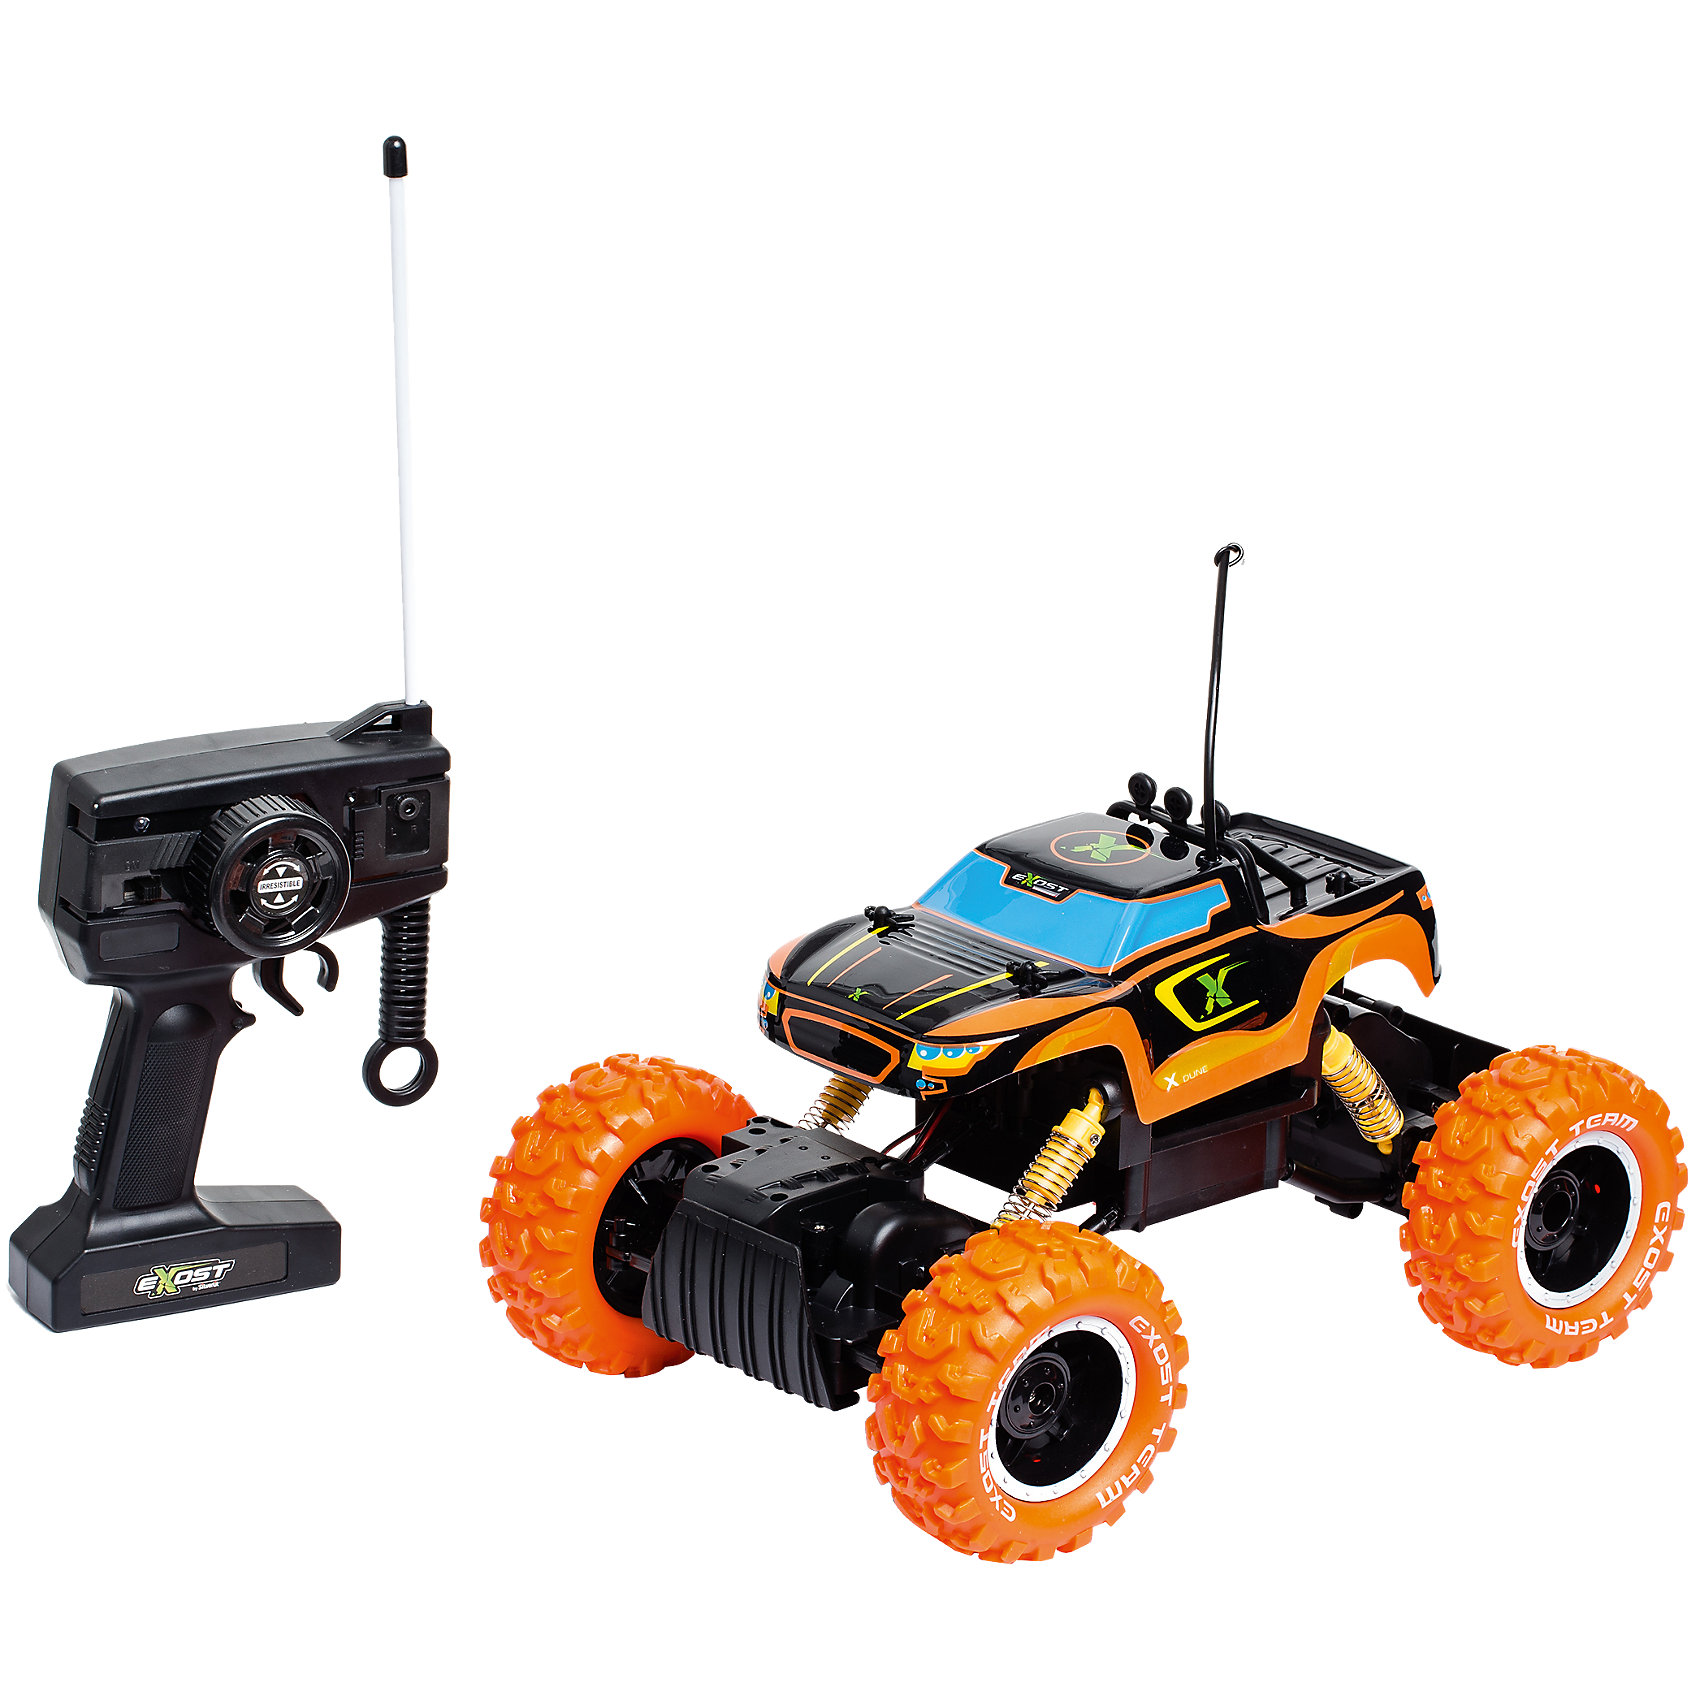 Машина на р/у Икс Дюн, SilverlitР/У Машины и мотоциклы<br>Машина на р/у Икс Дюн, Silverlit.<br><br>Характеристики:<br><br>- Комплектация: машина, пульт управления<br>- Масштаб: 1:12<br>- Батарейки: AA / LR6 1.5V (не входят в комплект)<br>- Время игры: 25 мин.<br>- Время зарядки: 2 ч.<br>- Максимальная скорость: 10 км/ч.<br>- Дальность действия: 20 м.<br>- Материал: пластик<br>- Упаковка: картонная коробка блистерного типа<br>- Размер упаковки: 41 х 24 х 22 см.<br><br>Радиоуправляемая машина Икс Дюн от компании Silverlit имеет съемный корпус черно-оранжевого цвета. Корпус изготовлен из высокопрочного пластика и выдержит все удары и столкновения, пока ваш ребенок будет учиться обращаться с радиоуправляемой машиной. Внедорожные шины с чётким протектором не позволяют колёсам проскальзывать на гладких поверхностях (стол, линолеум, ламинат, плитка). Полный привод, усиленная подвеска и две независимые оси делают машинку на радиоуправлении супер проходимой. Высокоскоростной мотор позволяет разогнать игрушечную машинку до 10 км/ч. Продукция сертифицирована, экологически безопасна для ребенка, использованные красители не токсичны и гипоаллергенны.<br><br>Машину на р/у Икс Дюн, Silverlit можно купить в нашем интернет-магазине.<br><br>Ширина мм: 414<br>Глубина мм: 256<br>Высота мм: 241<br>Вес г: 1691<br>Возраст от месяцев: 60<br>Возраст до месяцев: 108<br>Пол: Мужской<br>Возраст: Детский<br>SKU: 4727718